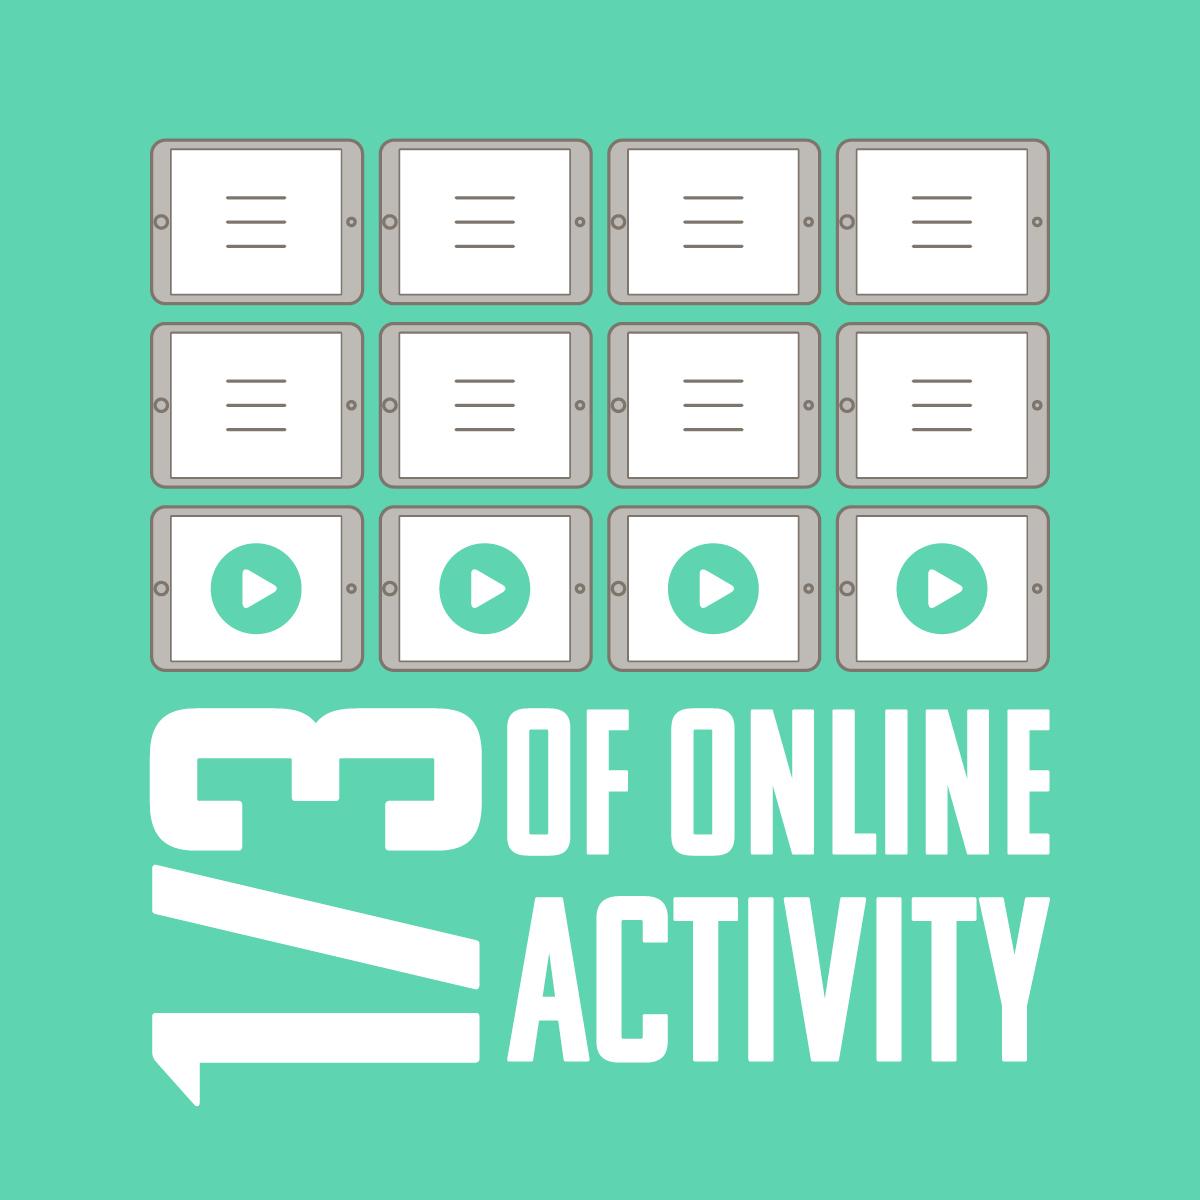 One Third of Online Activity.jpg